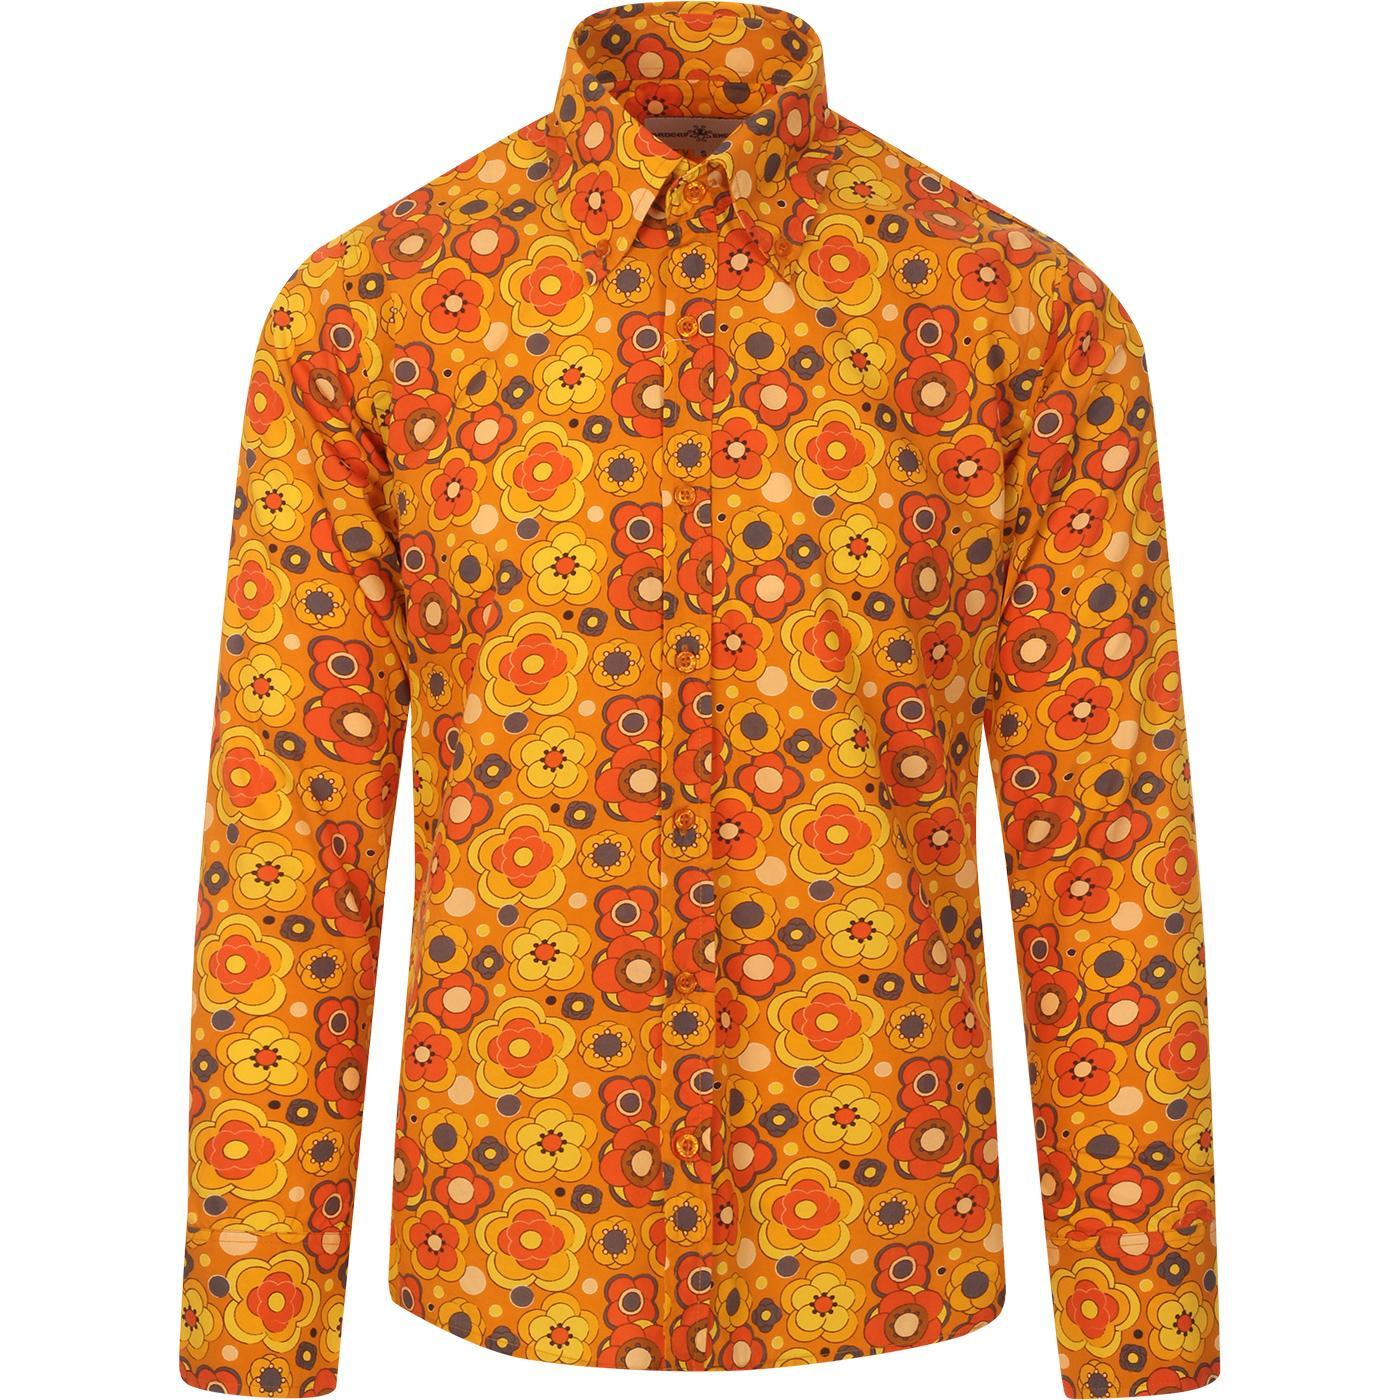 Trip Retro Floral MADCAP ENGLAND 60s Mod Shirt